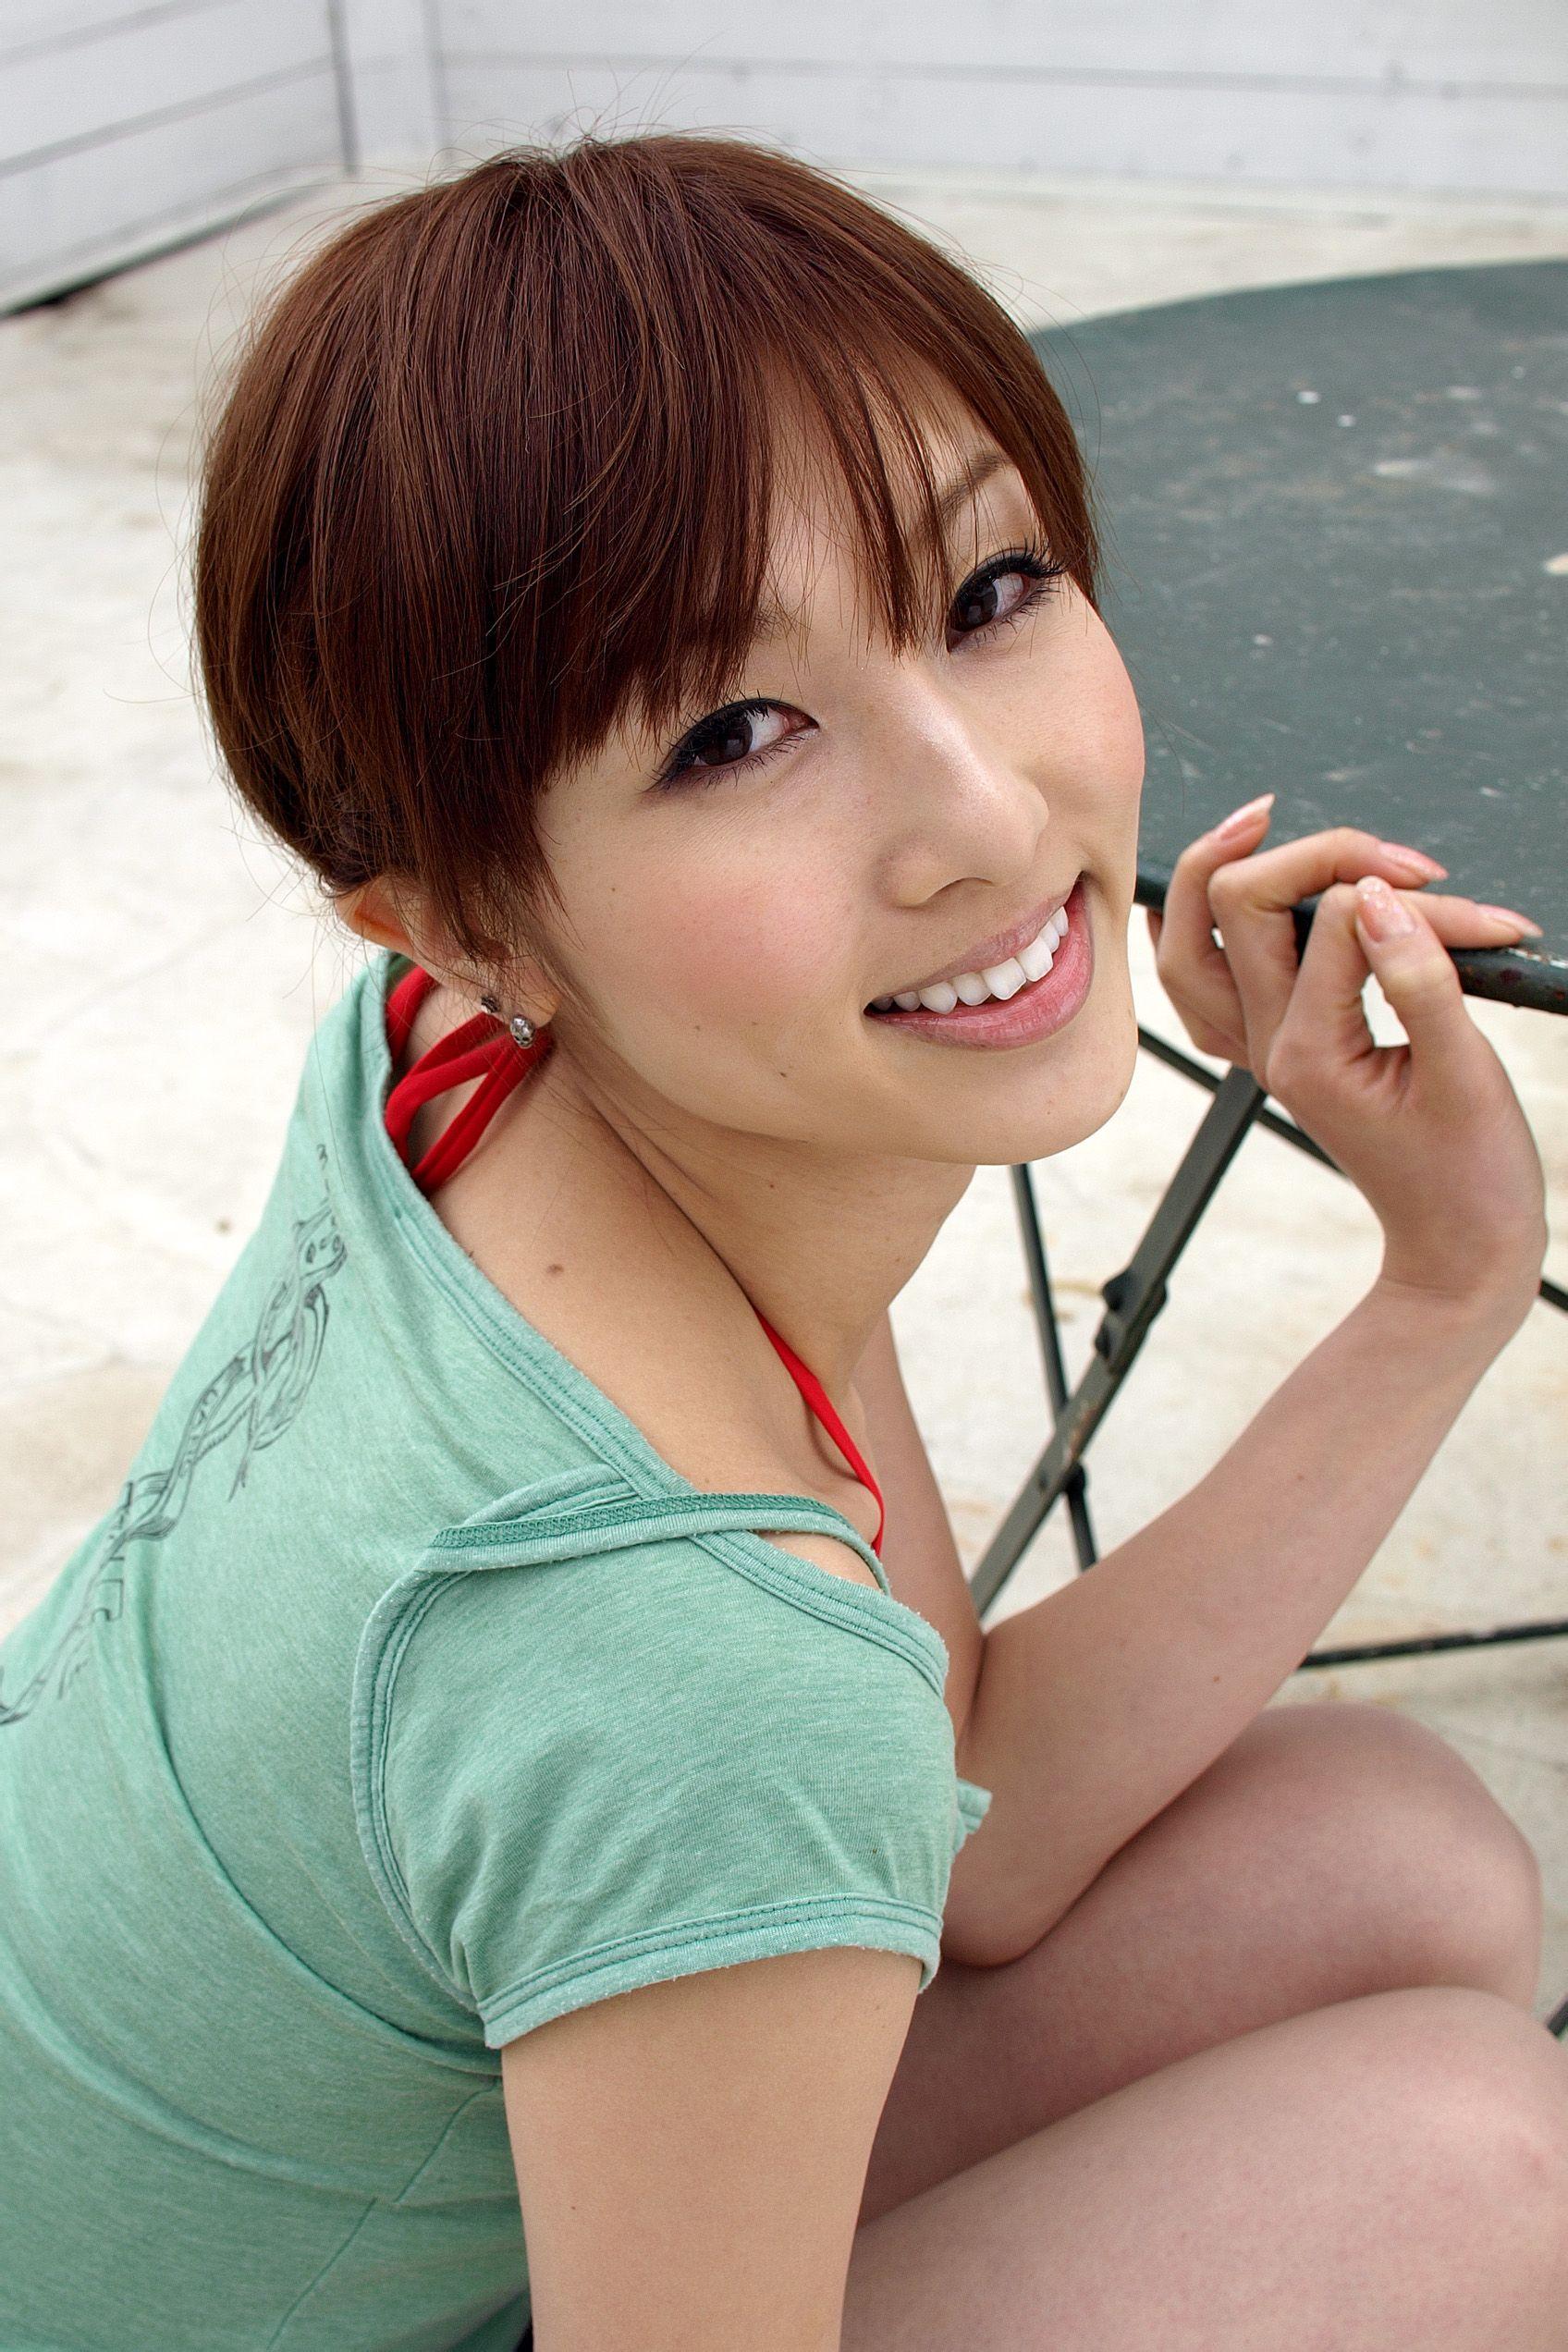 日本少女少妇电影_日本电影《美女狩猎》里这个女优叫什么